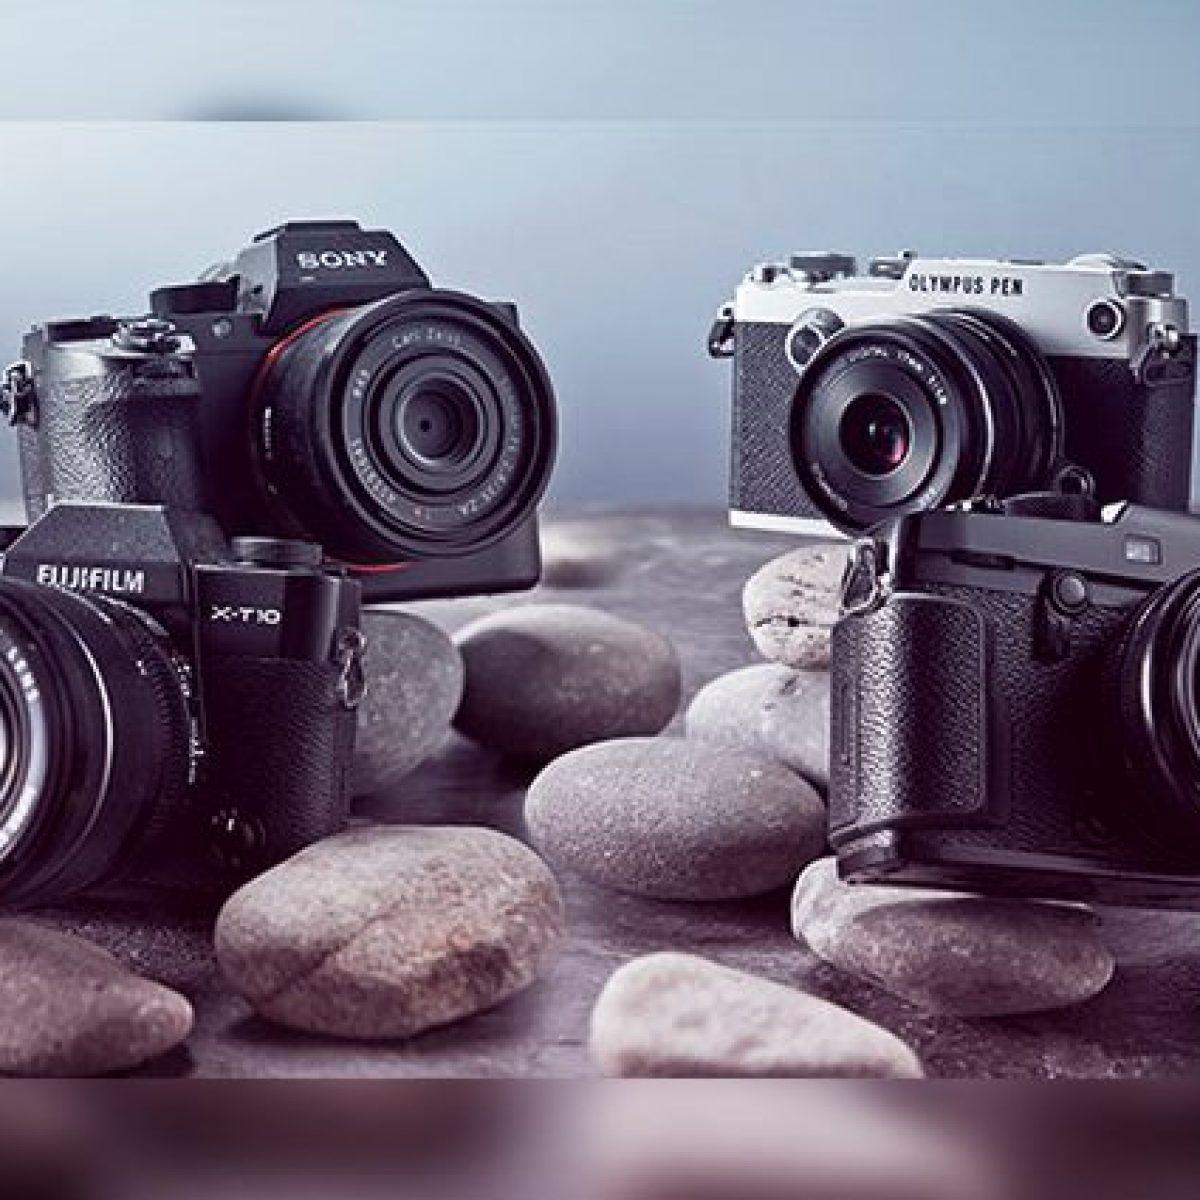 8d40af8336923c Le migliori fotocamere di luglio 2019: compatte, bridge, mirrorless e reflex